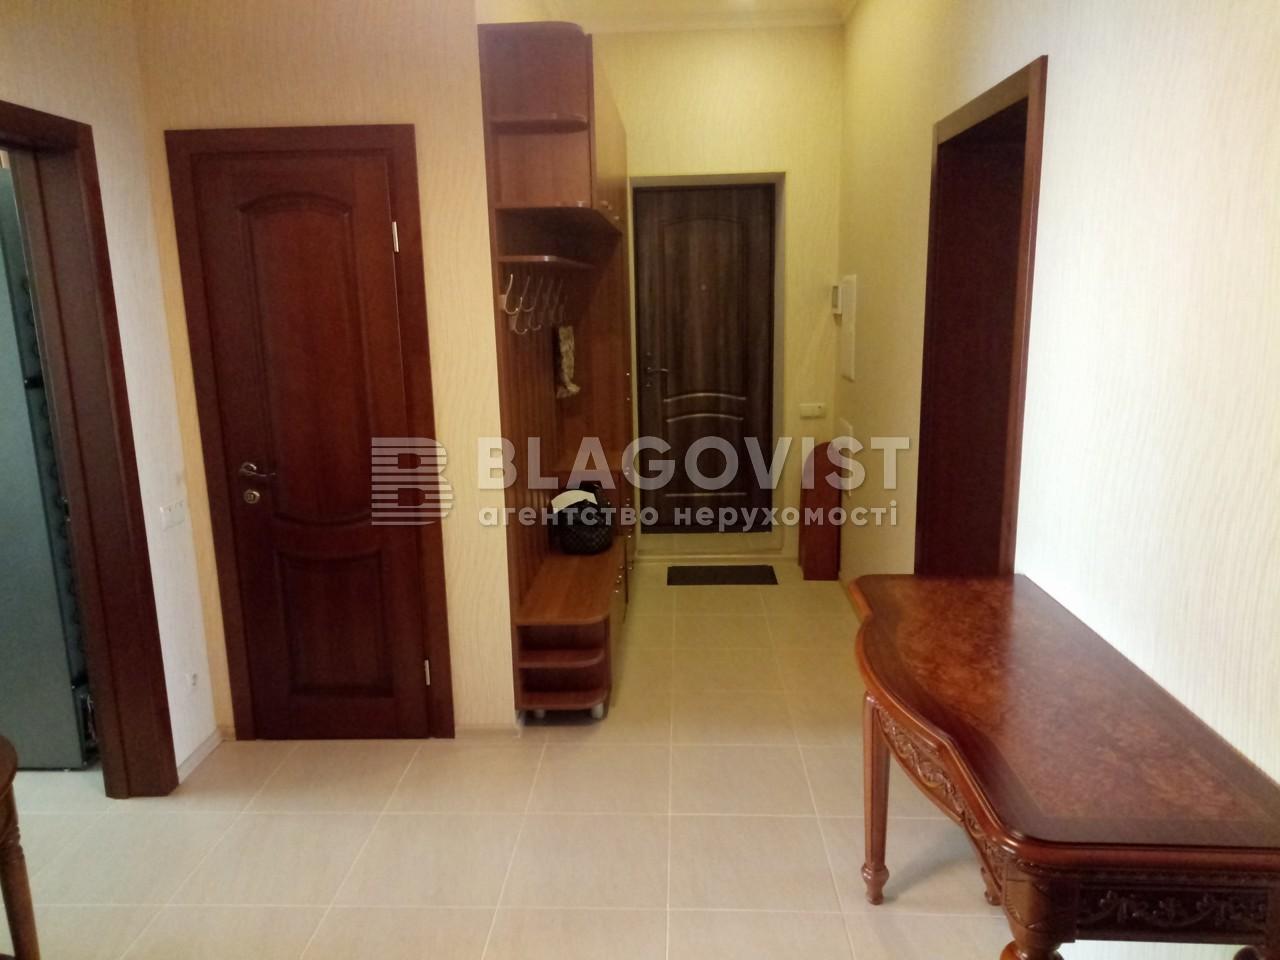 Квартира M-35970, Борщаговская, 28а, Петропавловская Борщаговка - Фото 16